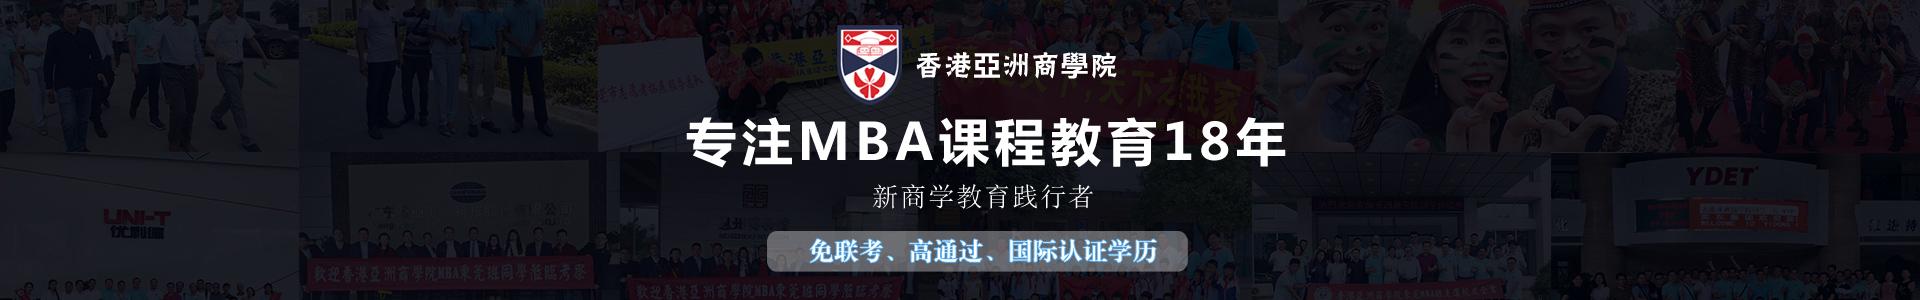 深圳亚商学院MBA培训